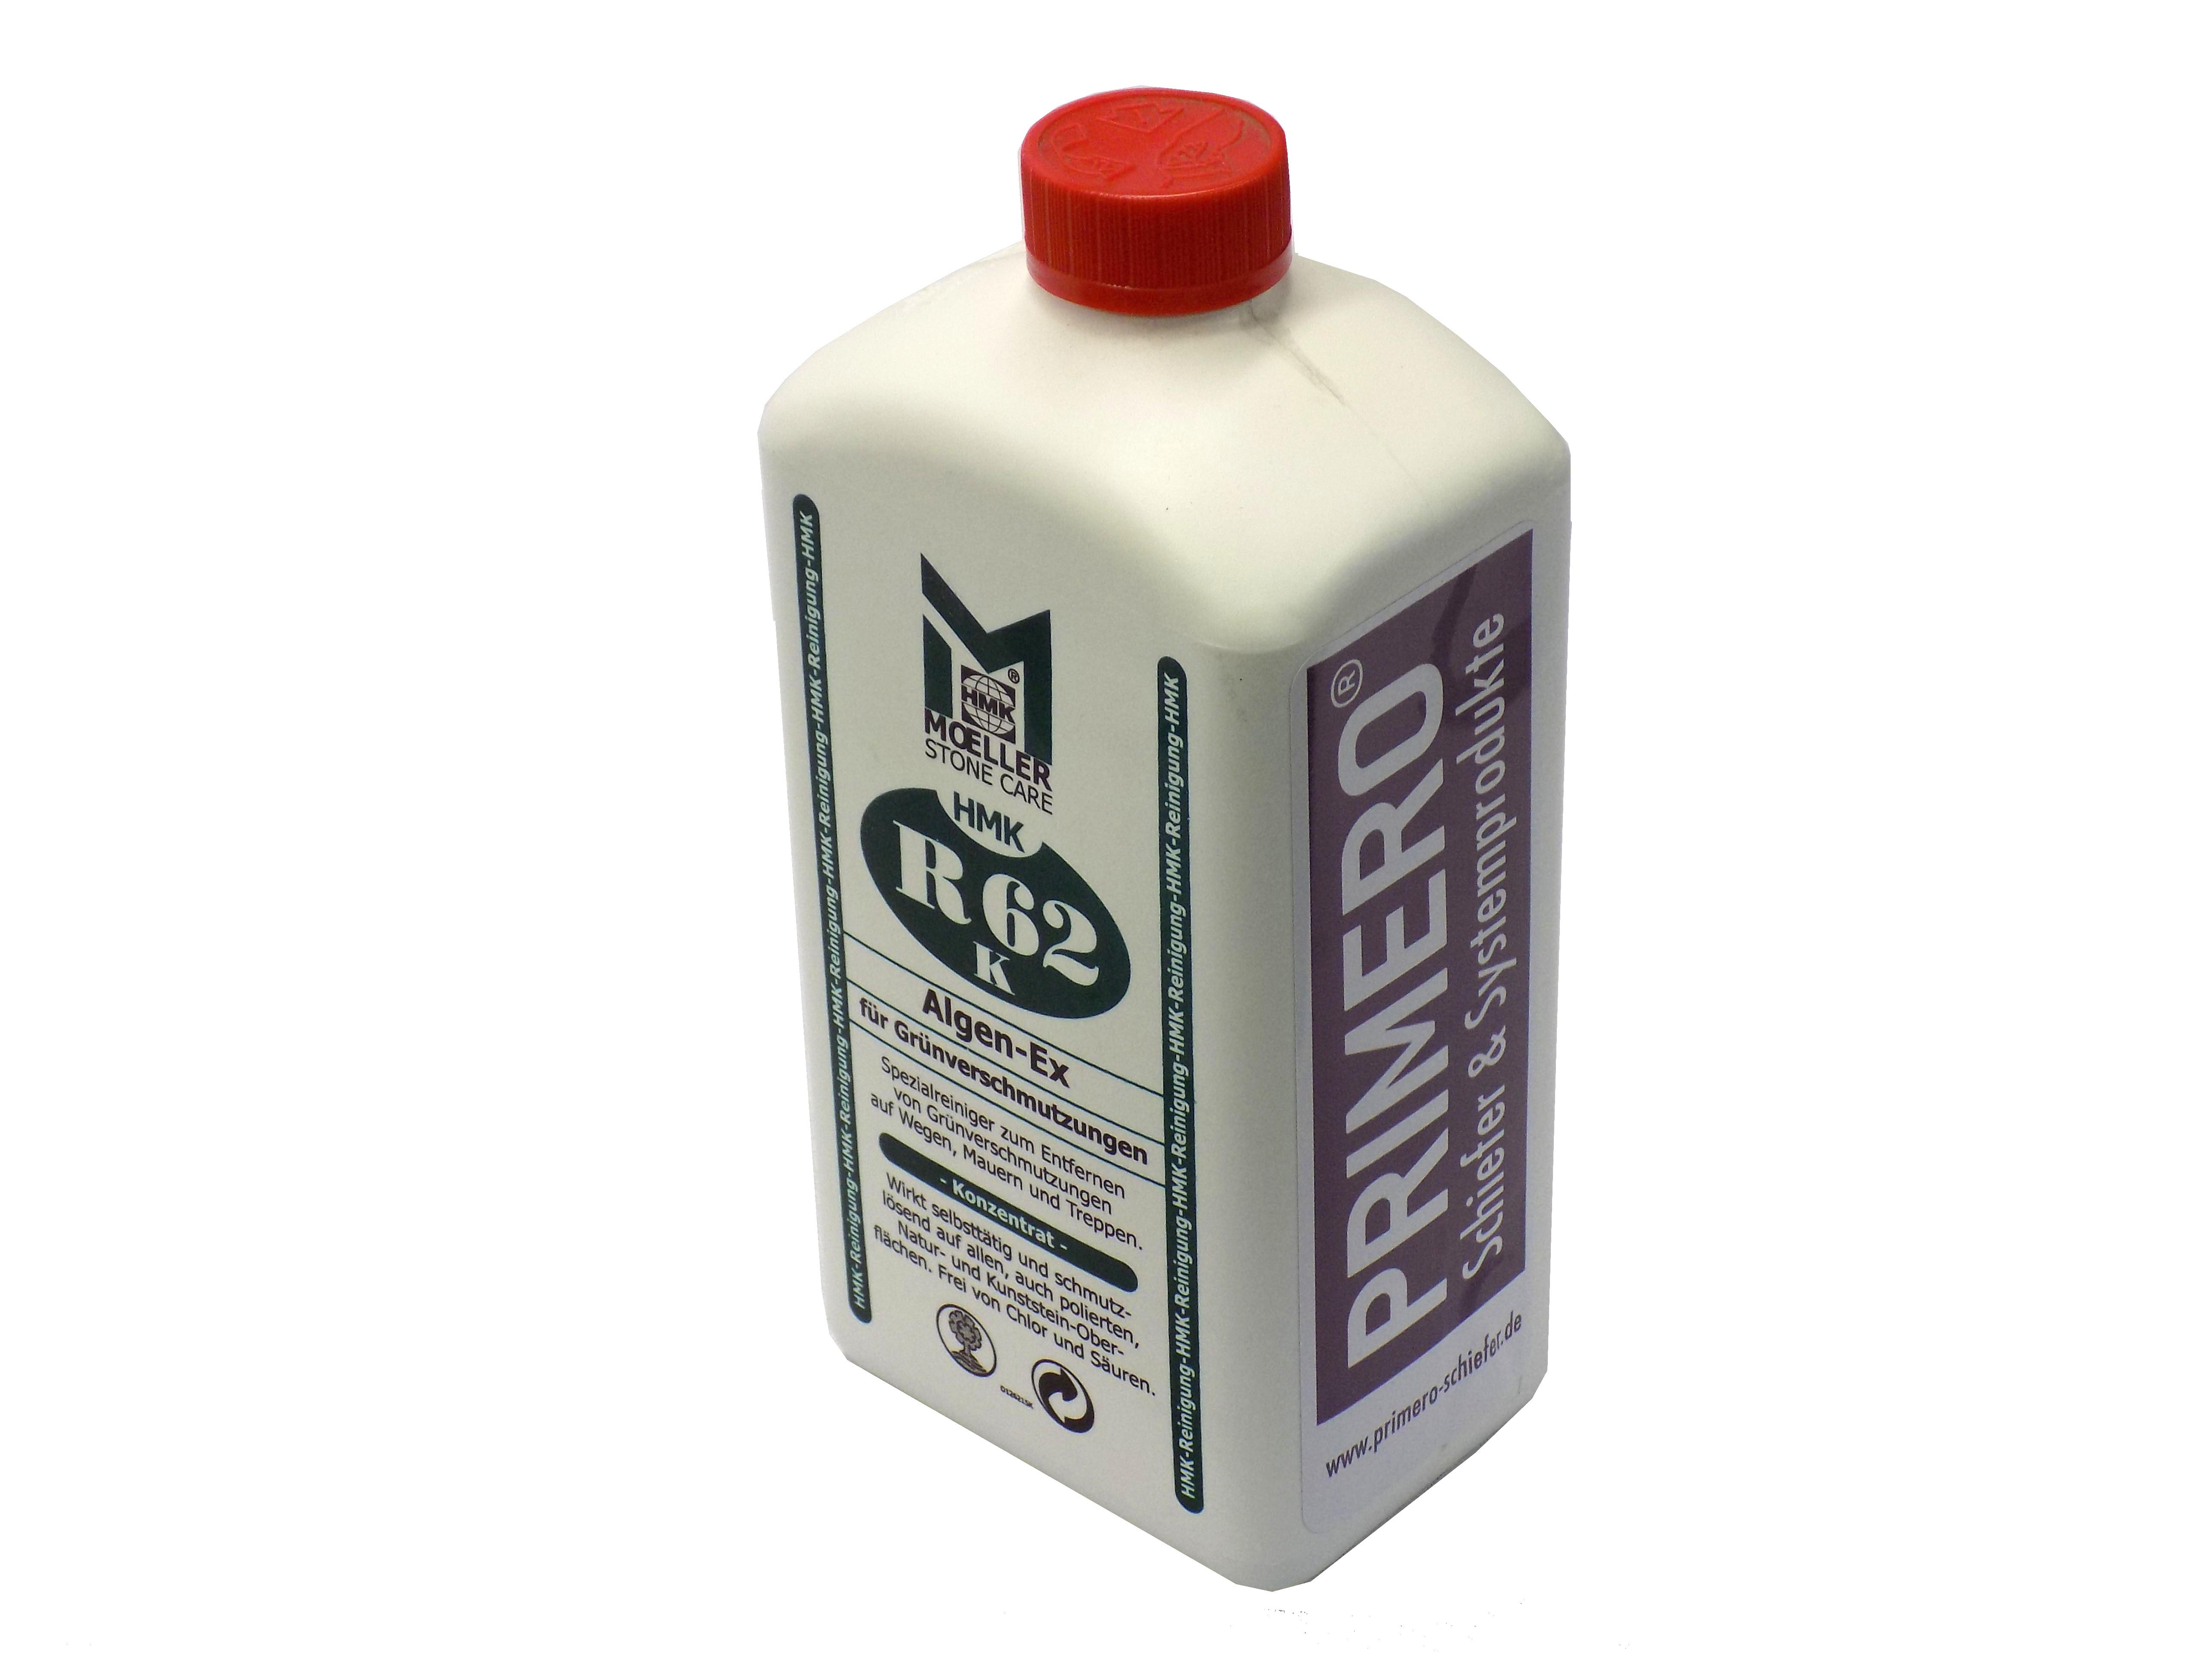 Primero R162 Algen-EX 1 l, für den Außenbereich